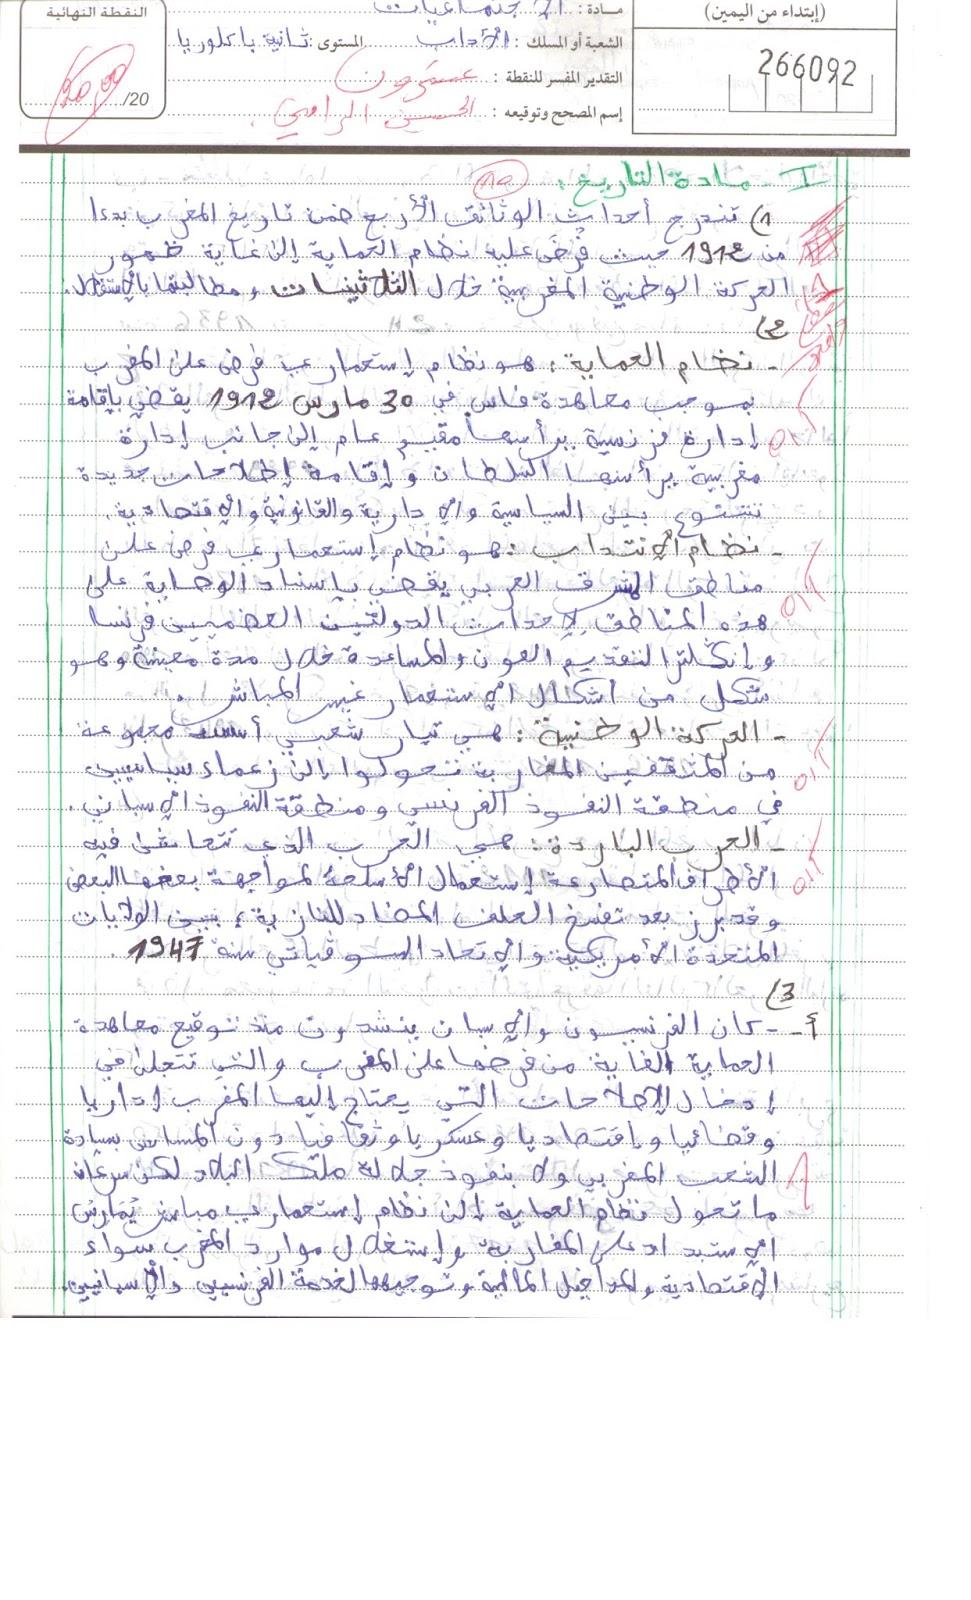 الإنجاز النموذجي (20/20)؛ الامتحان الوطني الموحد للباكالوريا، التاريخ والجغرافيا، مسلك الآداب 2013